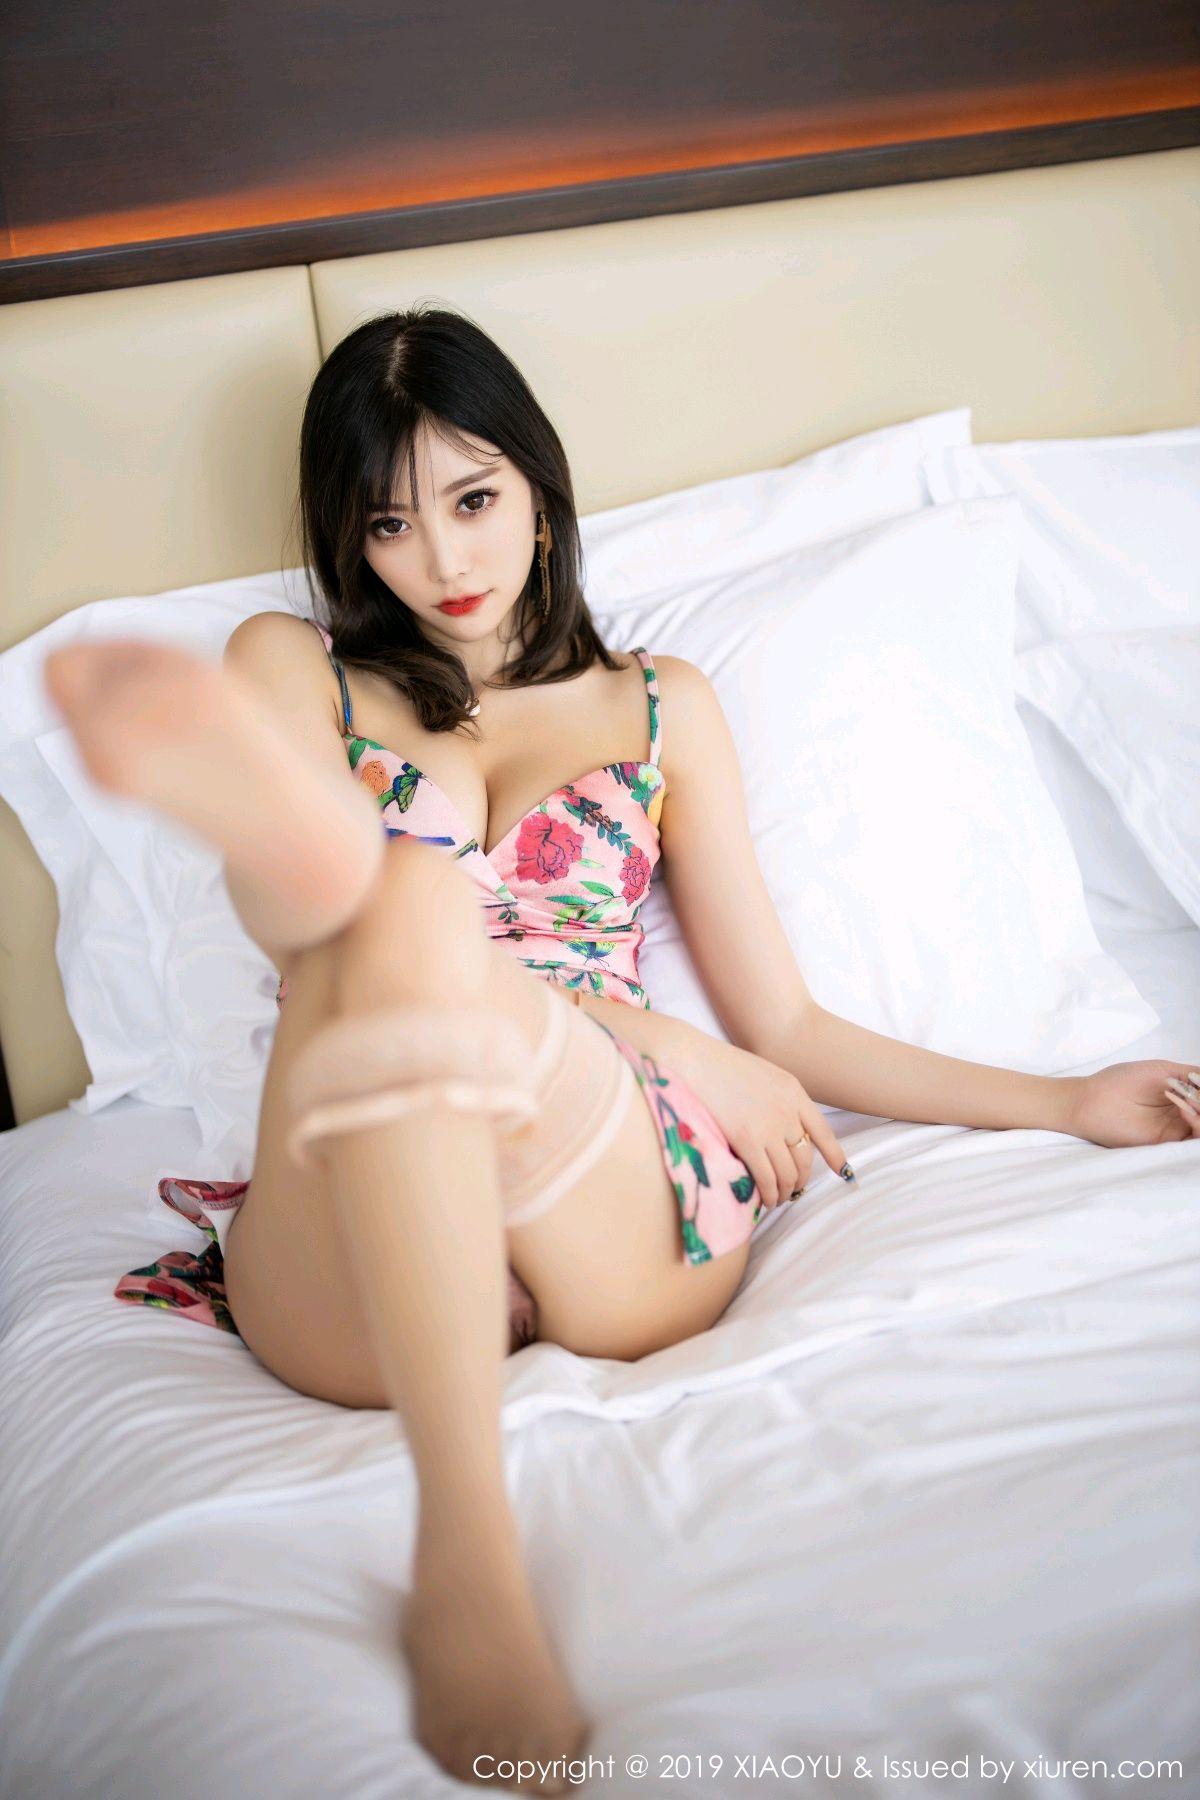 [XiaoYu] Vol.194 Yang Chen Chen 35P, Bikini, XiaoYu, Yang Chen Chen